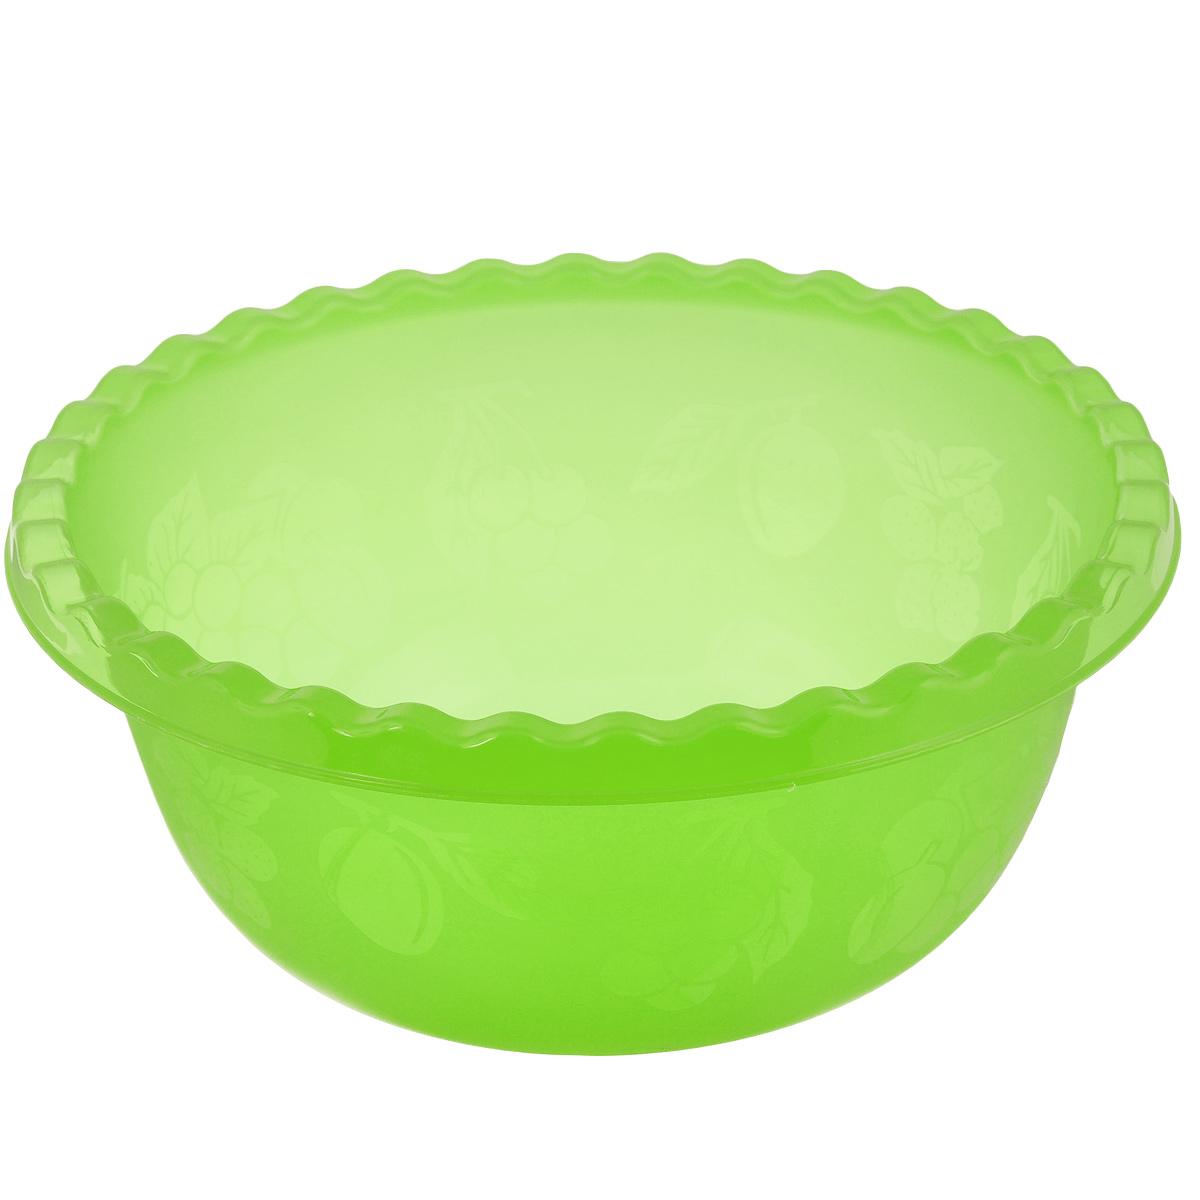 """Вместительная миска """"Idea"""" изготовлена из высококачественного пищевого пластика. Изделие  очень функциональное, оно пригодится на кухне для самых разнообразных нужд: в качестве  салатника, миски, тарелки. По периметру миска украшена узором в виде фруктов.  Диаметр миски: 28,5 см. Высота миски: 12 см. Объем: 5 л."""